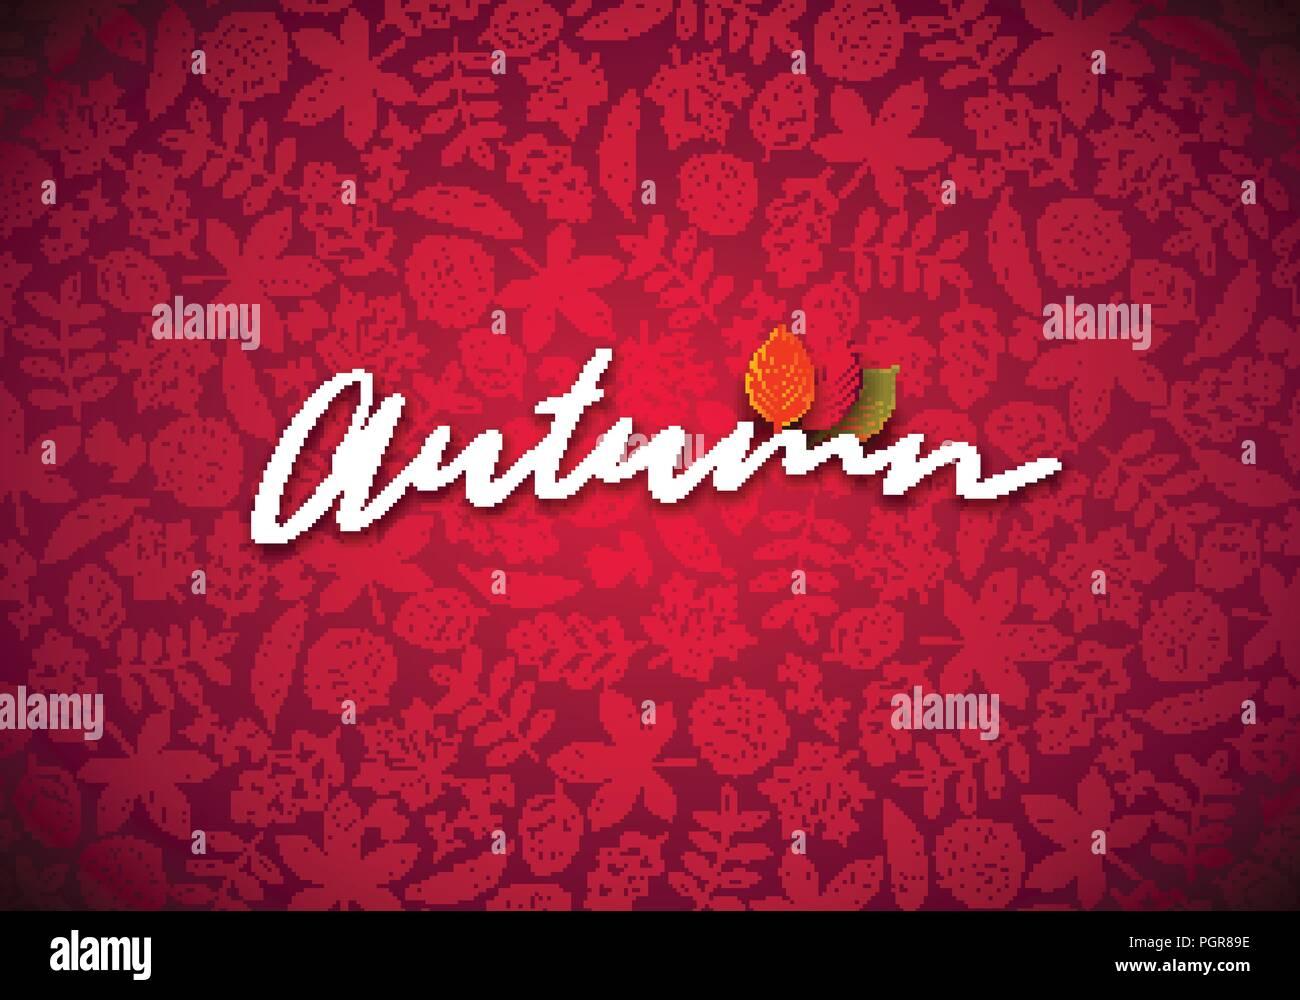 Illustrazione di autunno con foglie che cadono e la tipografia di scritte su sfondo rosso. Autunnale di disegno vettoriale con mano scarabocchi disegnati per il biglietto di auguri, Banner, flyer, Invito, opuscolo o poster promozionali. Immagini Stock